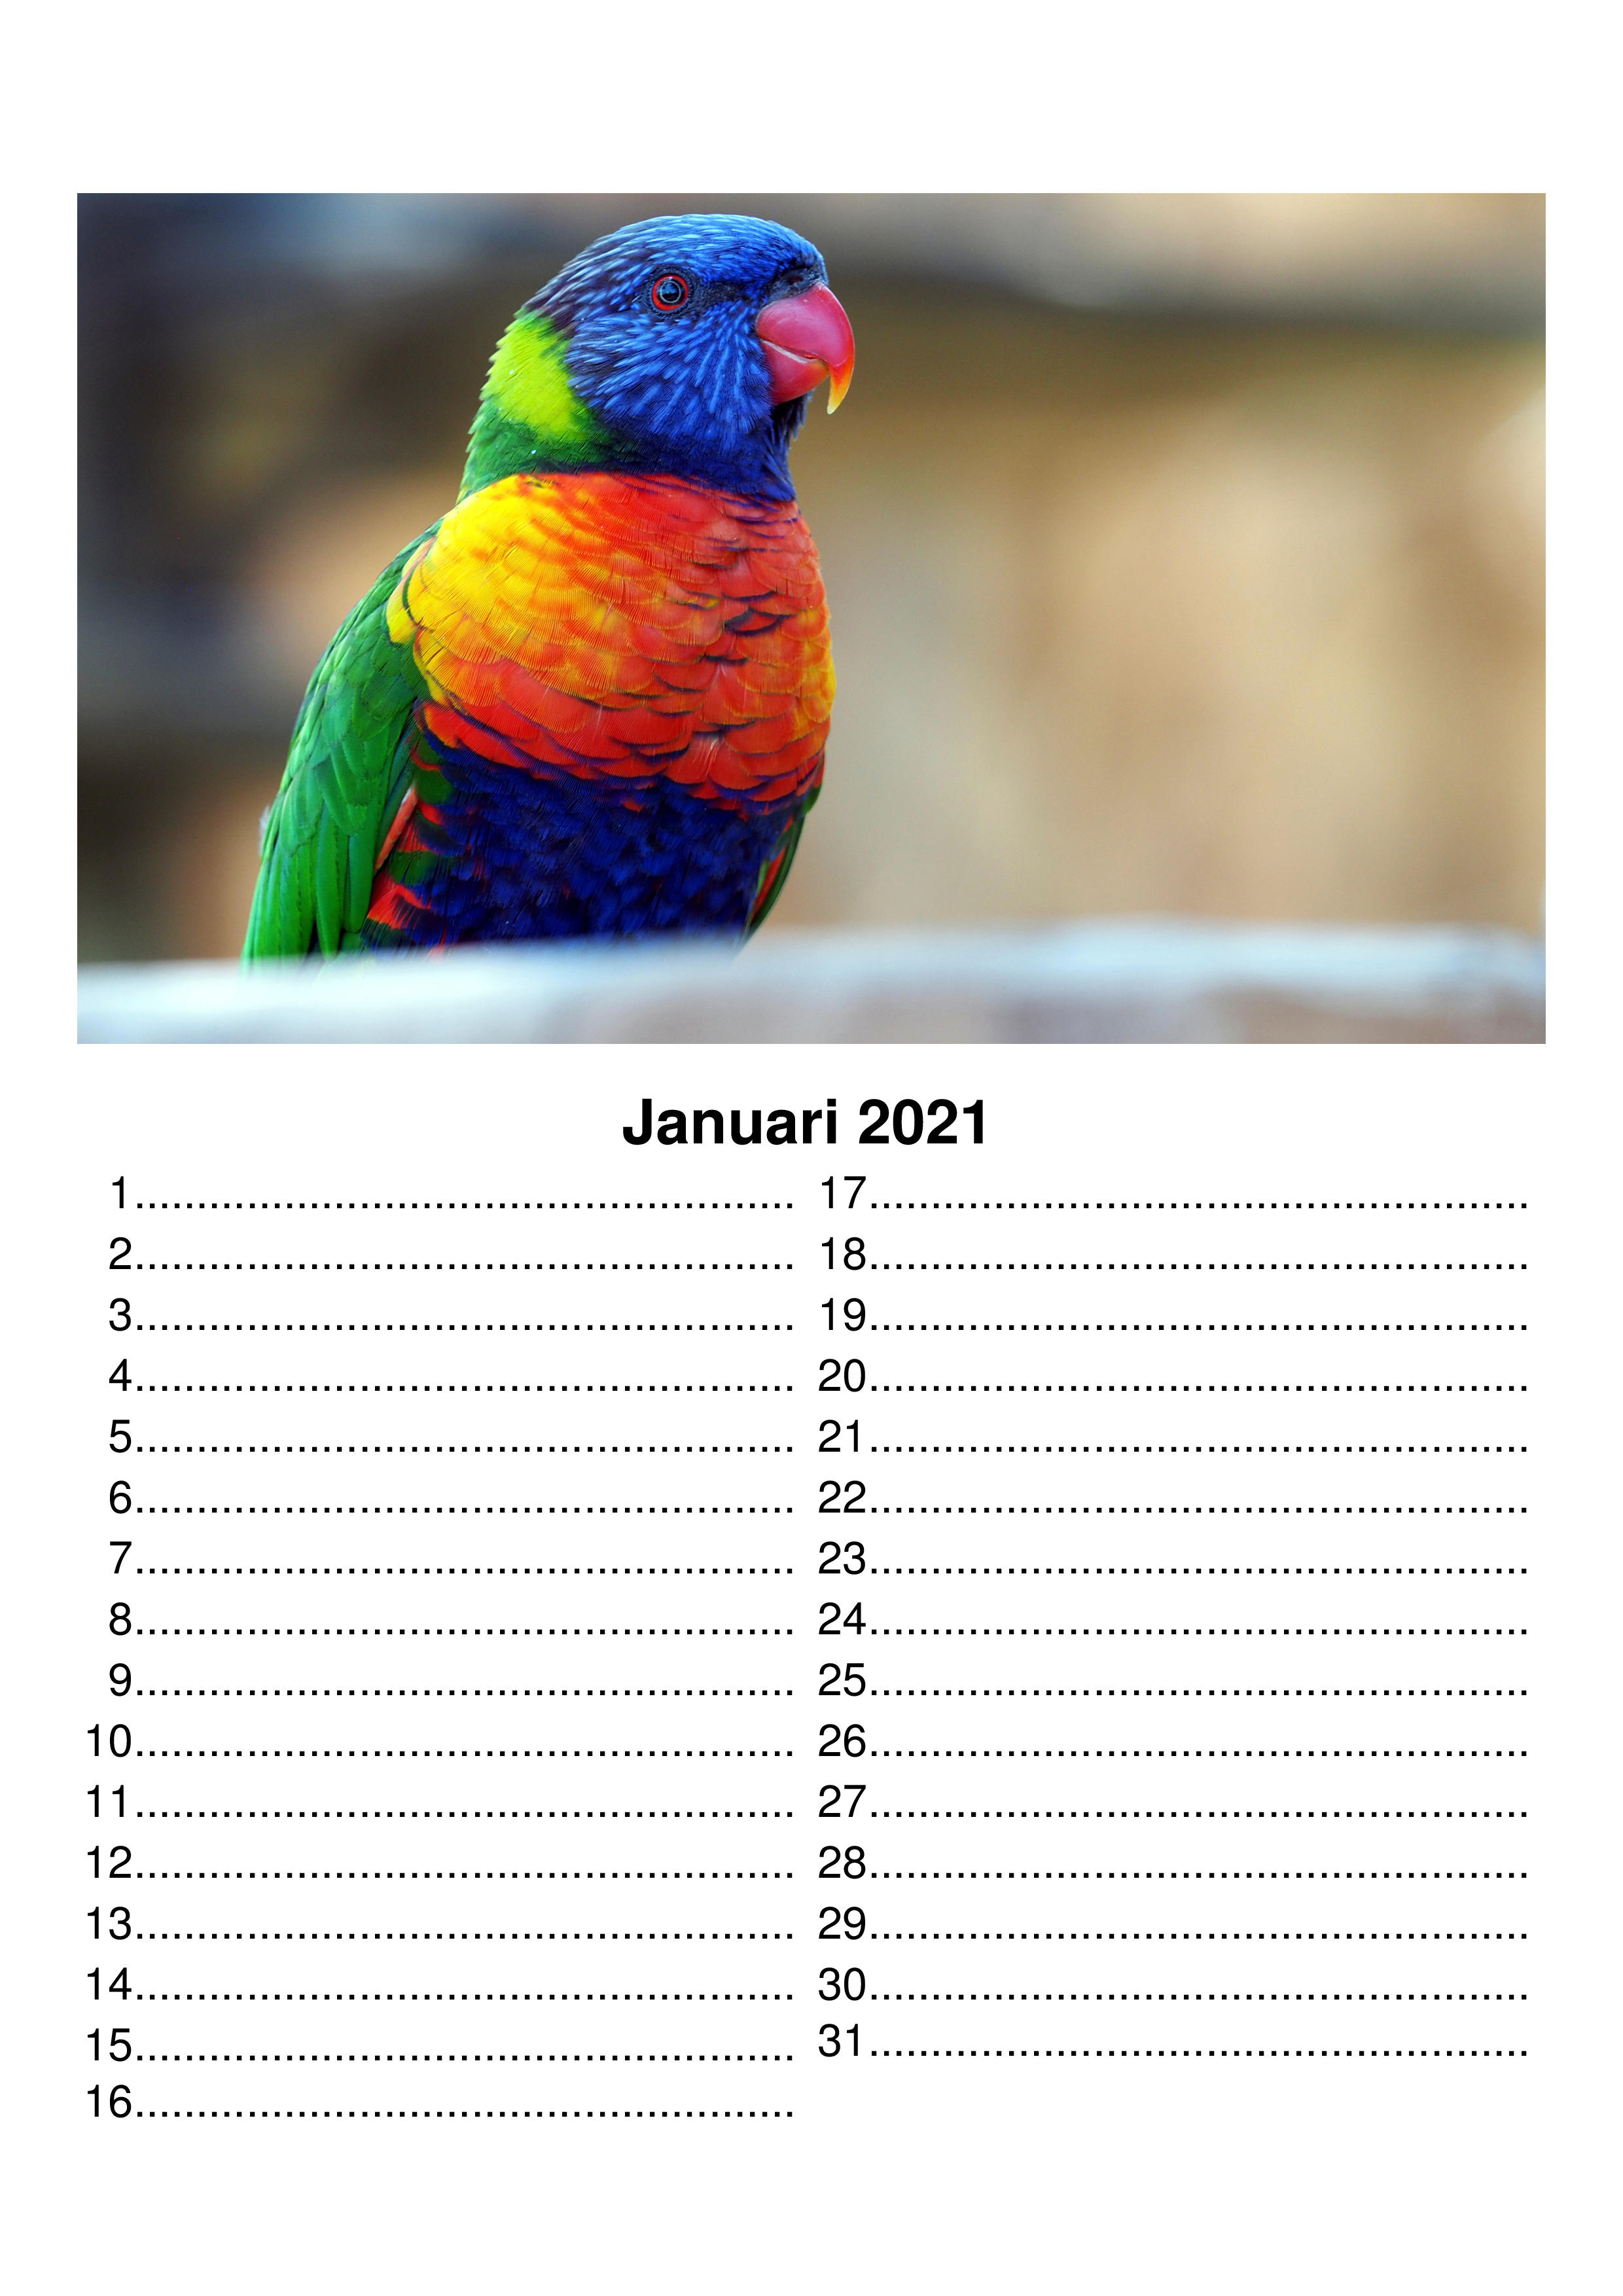 Verjaardagskalender, 1 maand per pagina